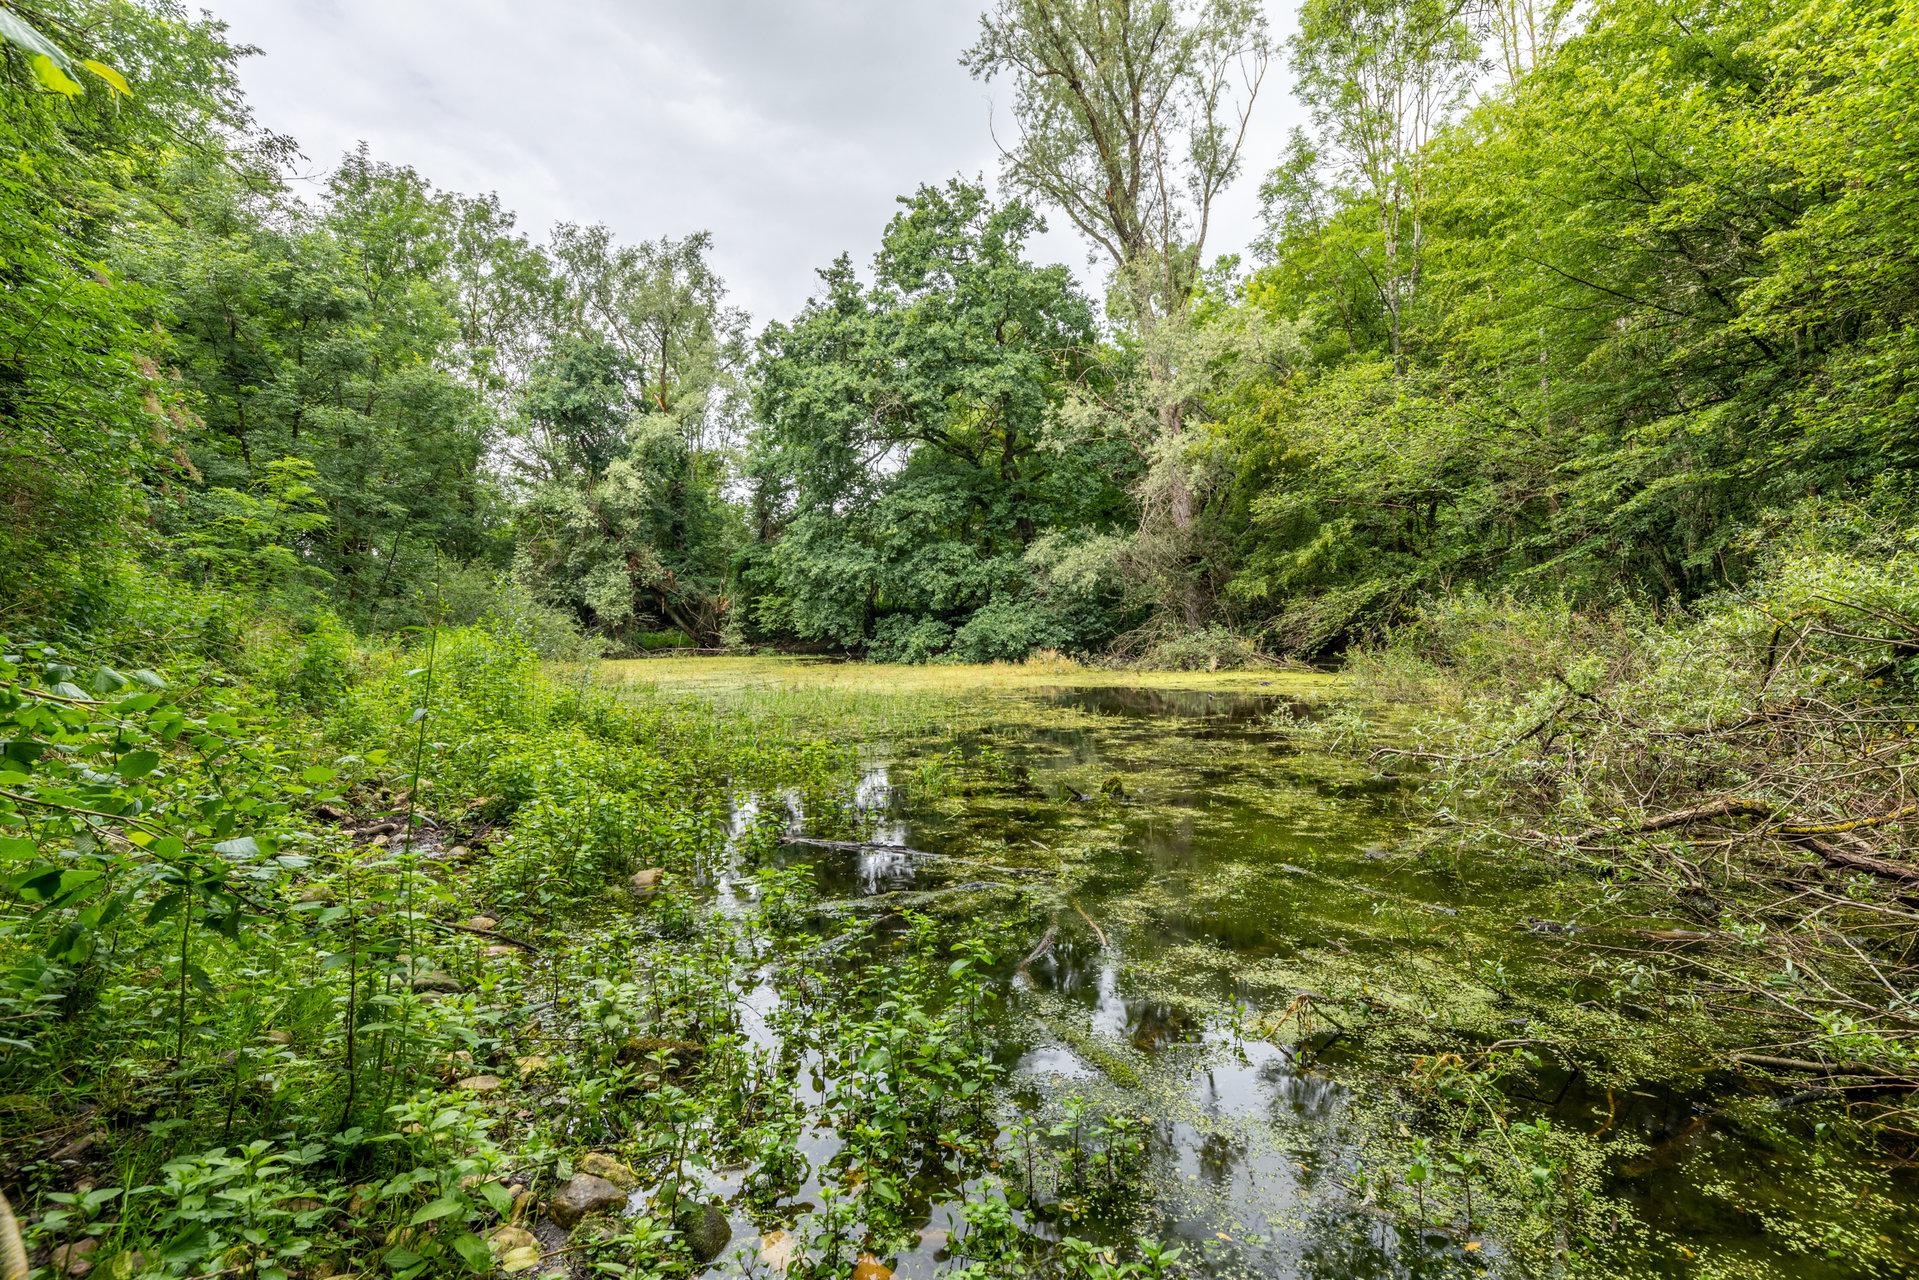 Propriété boisée de 25 HA avec étangs - A 1 heure de LYON